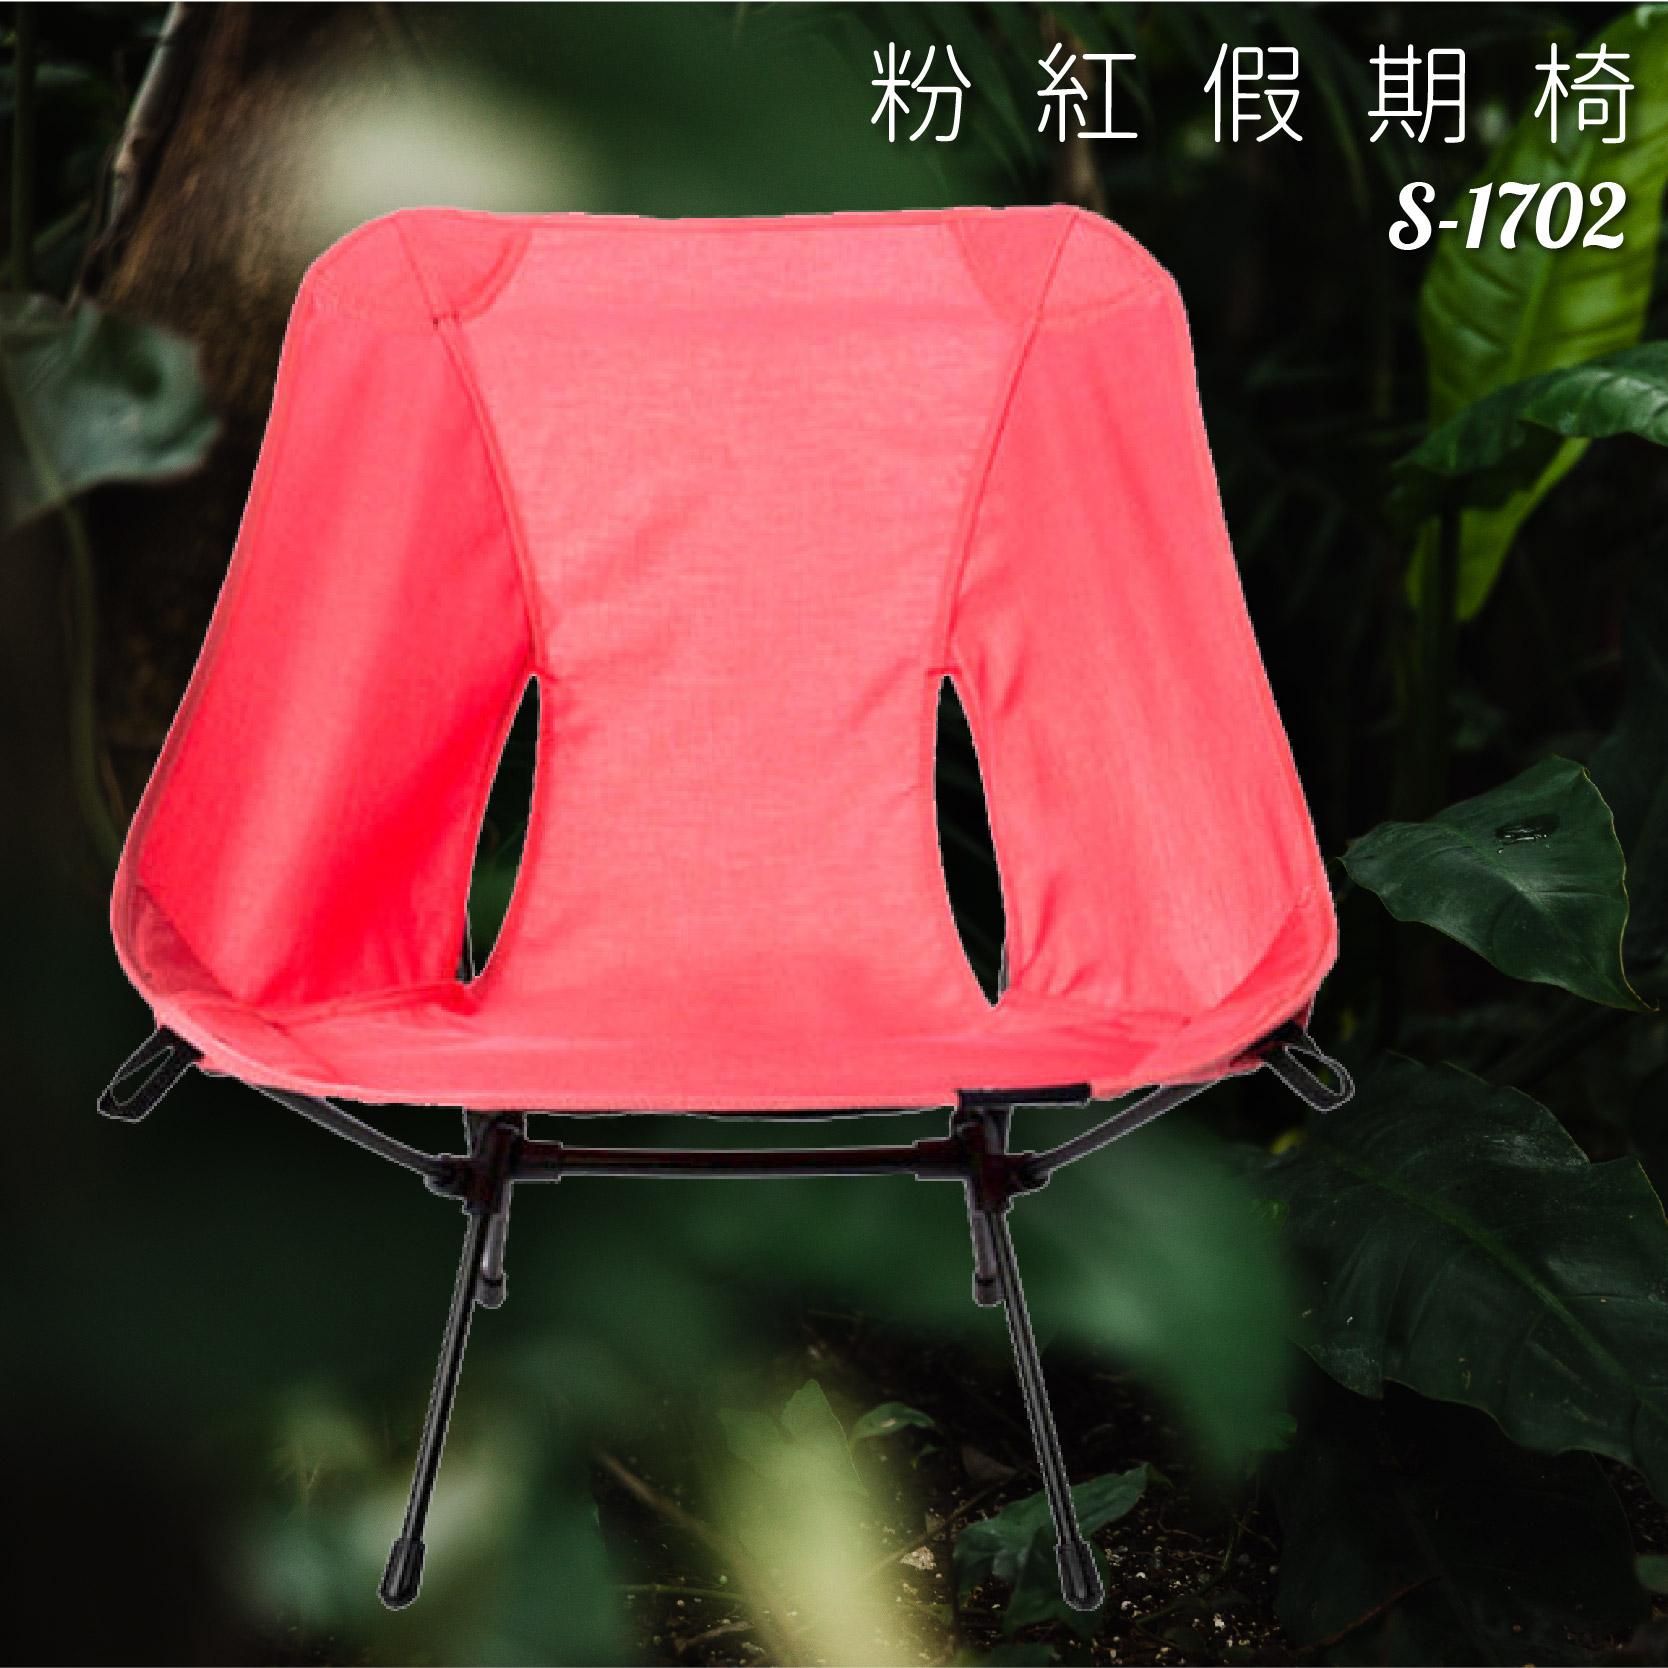 好想去旅行!經典椅 S-1702 粉紅假期 露營椅 摺疊椅 收納椅 沙灘椅 輕巧 時尚 旅行 假期 鋁合金 機能布